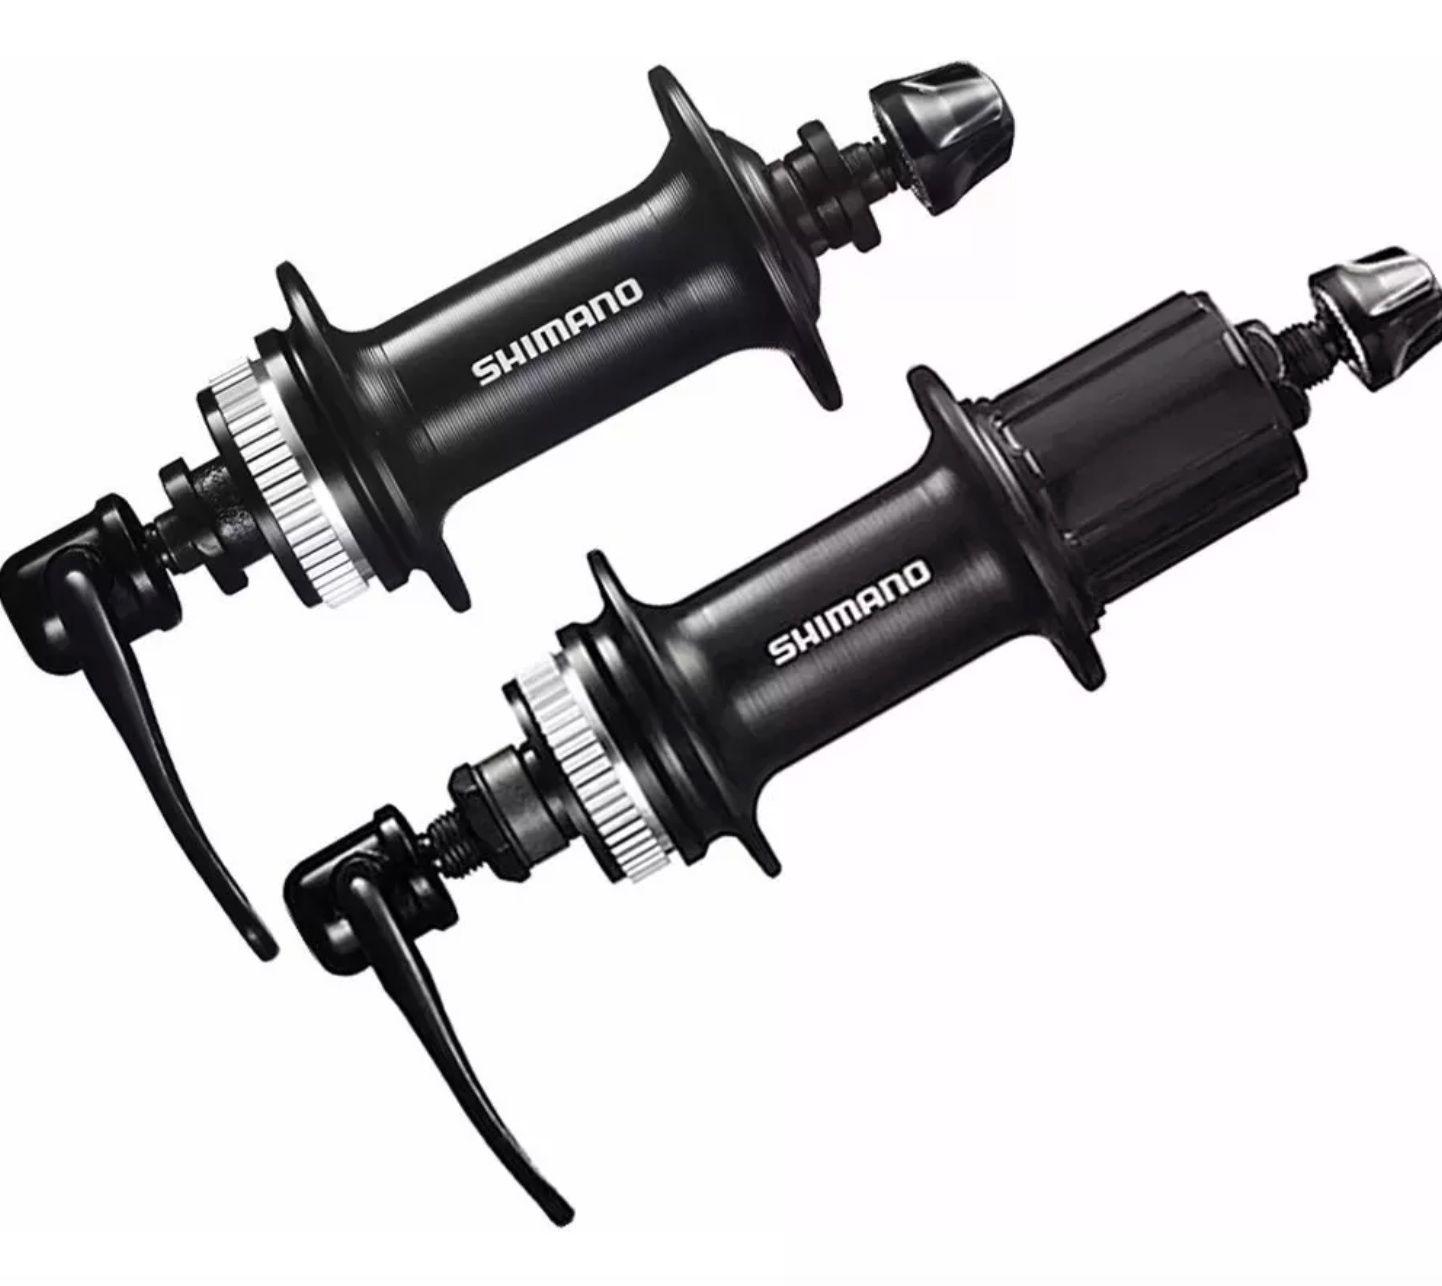 Cubo Shimano Tx505 32f 8/9/10 + Discos Shimano Rt10 160mm